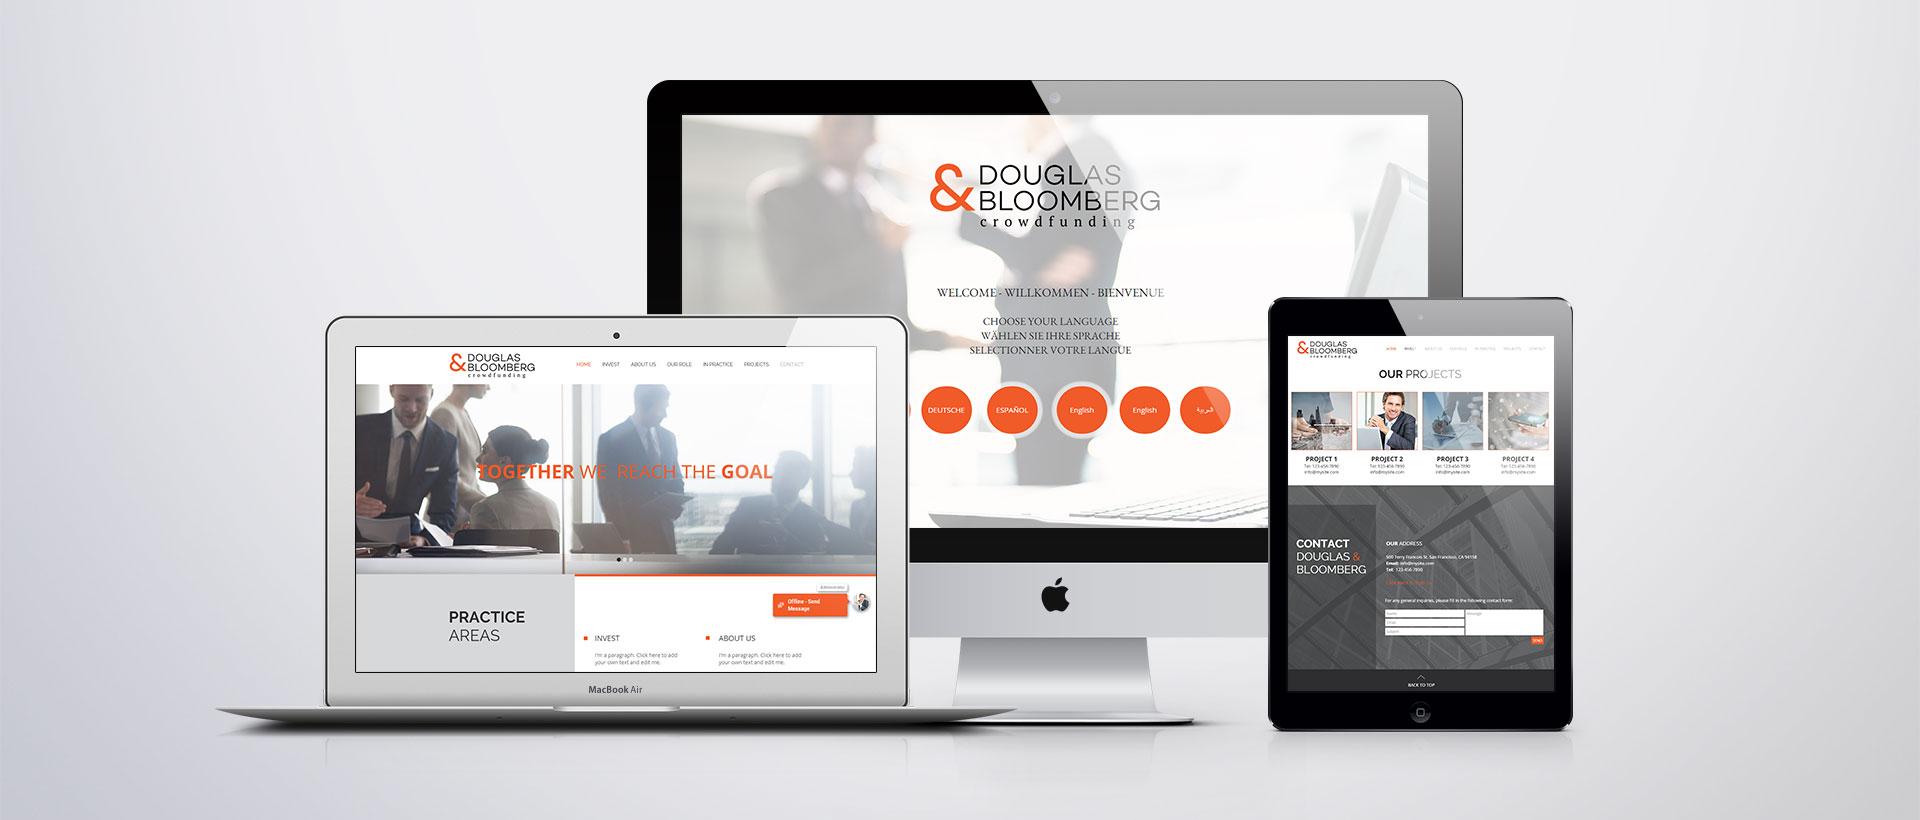 הדמיית עיצוב אתר דגלס ובלומברג